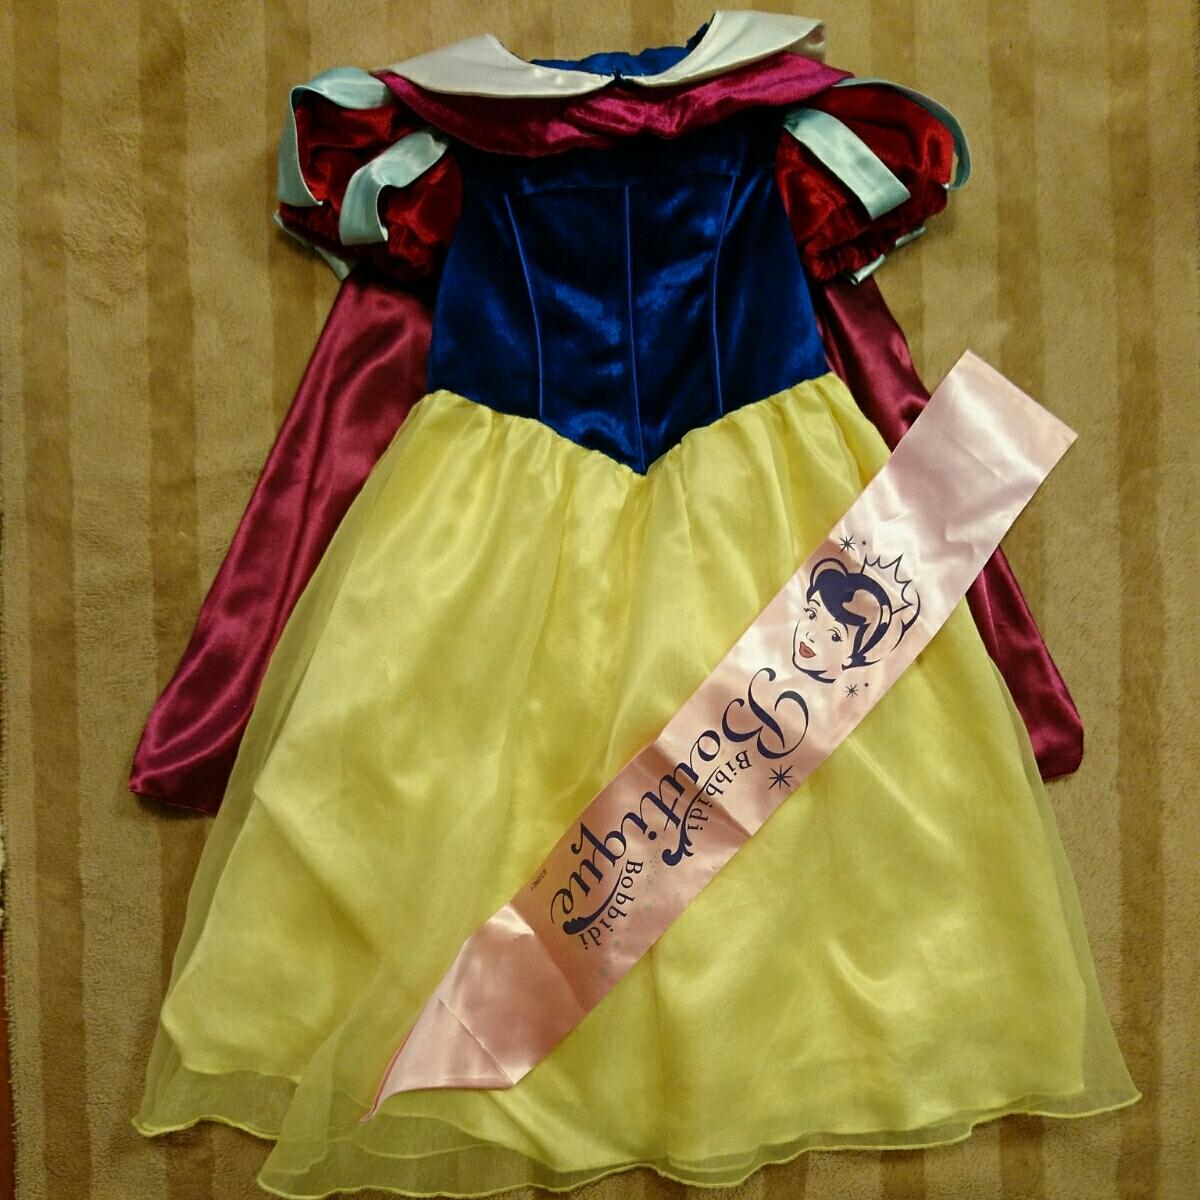 349f392b64d6c ビビディバビディブティック 白雪姫 100 ドレス 衣装 コスチューム ディズニープリンセス の1番目の画像